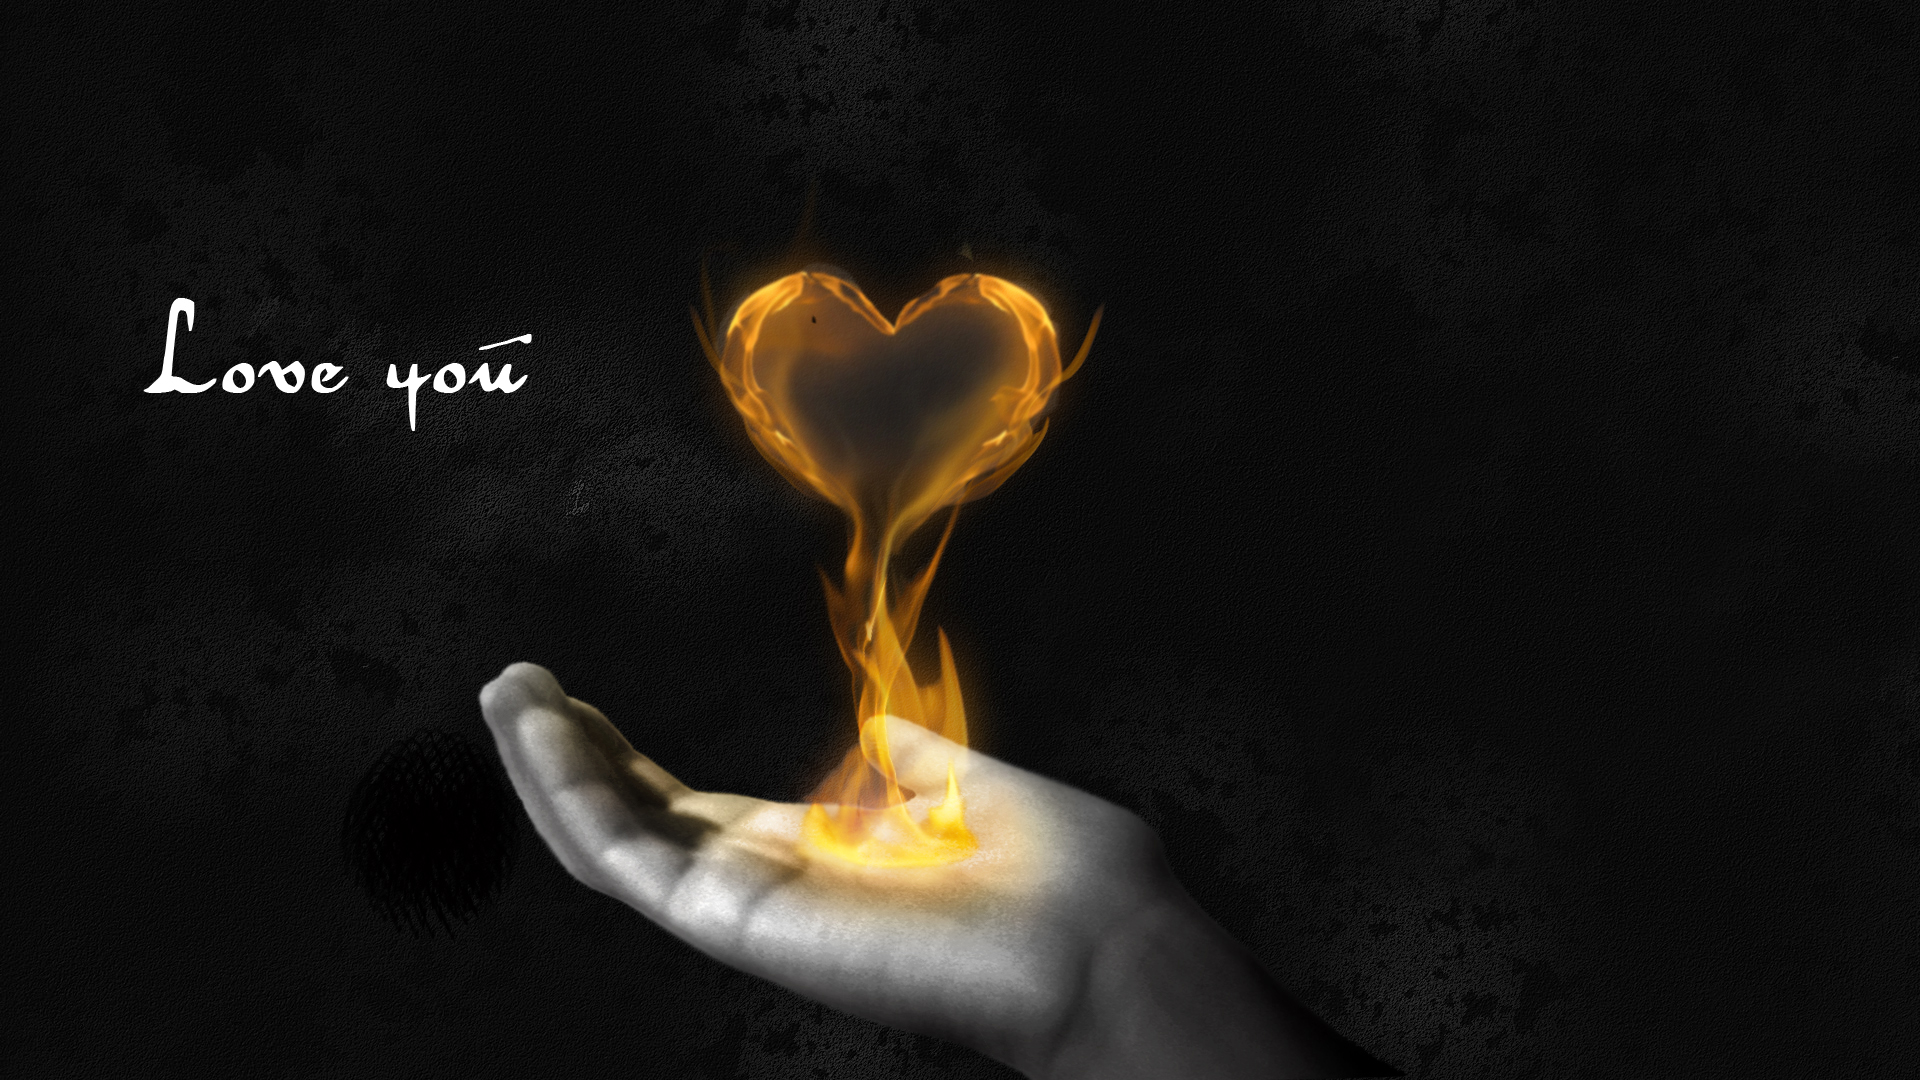 Hình nền trái tim đẹp